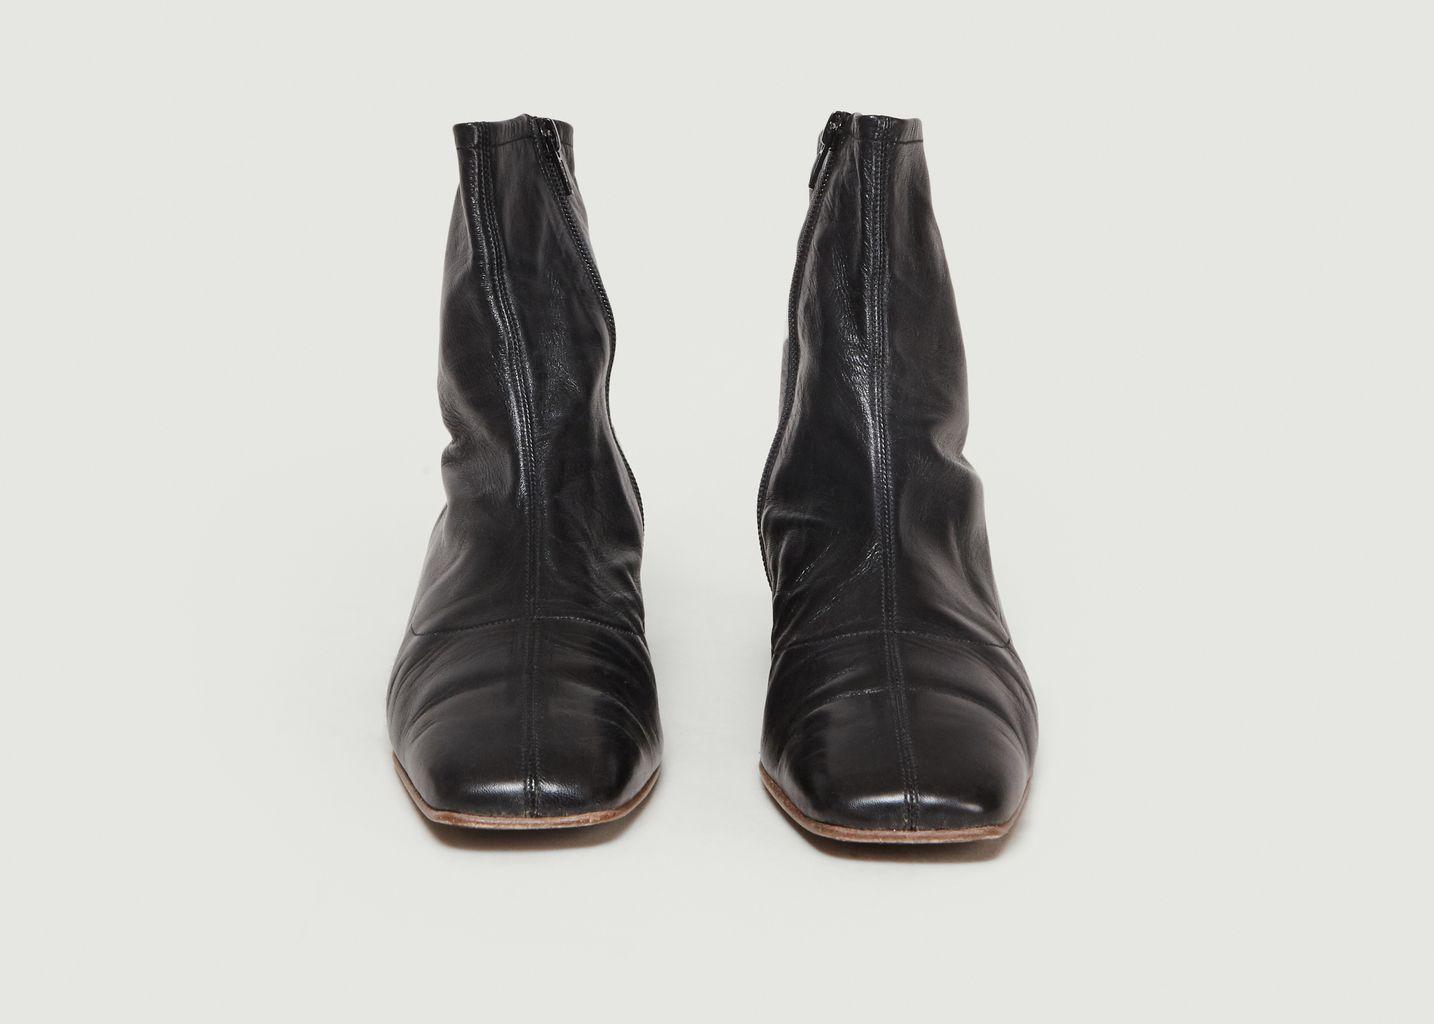 Boots En Cuir Este - By FAR